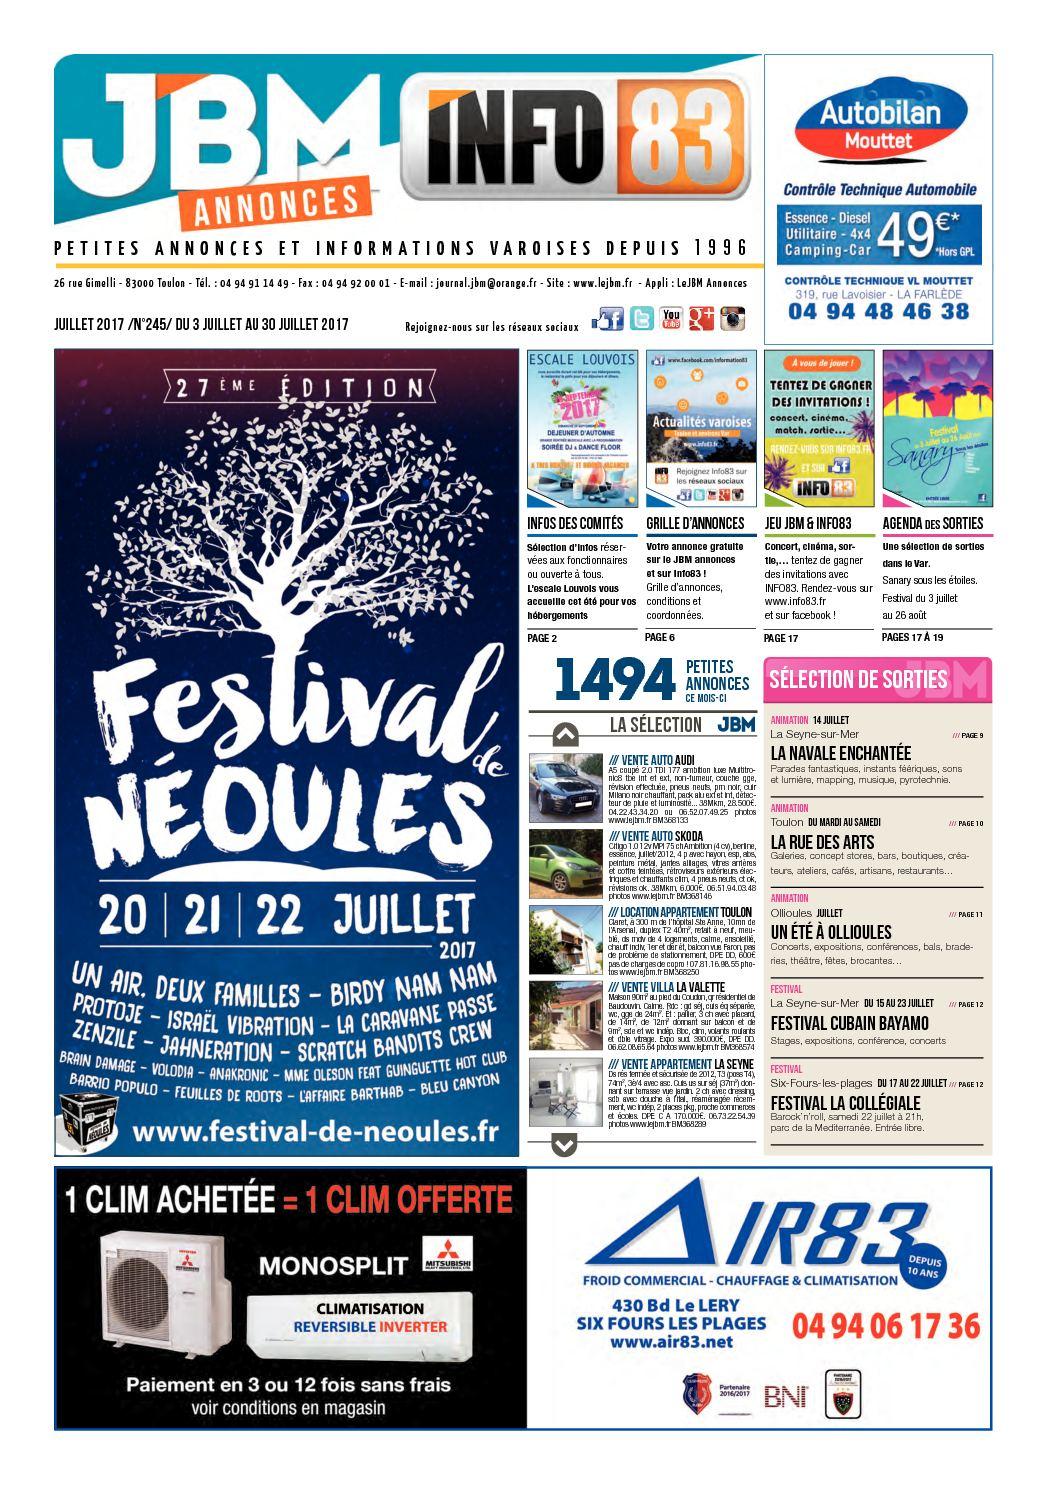 ba7fd98a579e6 Calaméo - Journal JBM Annonces n°245 Juillet 2017